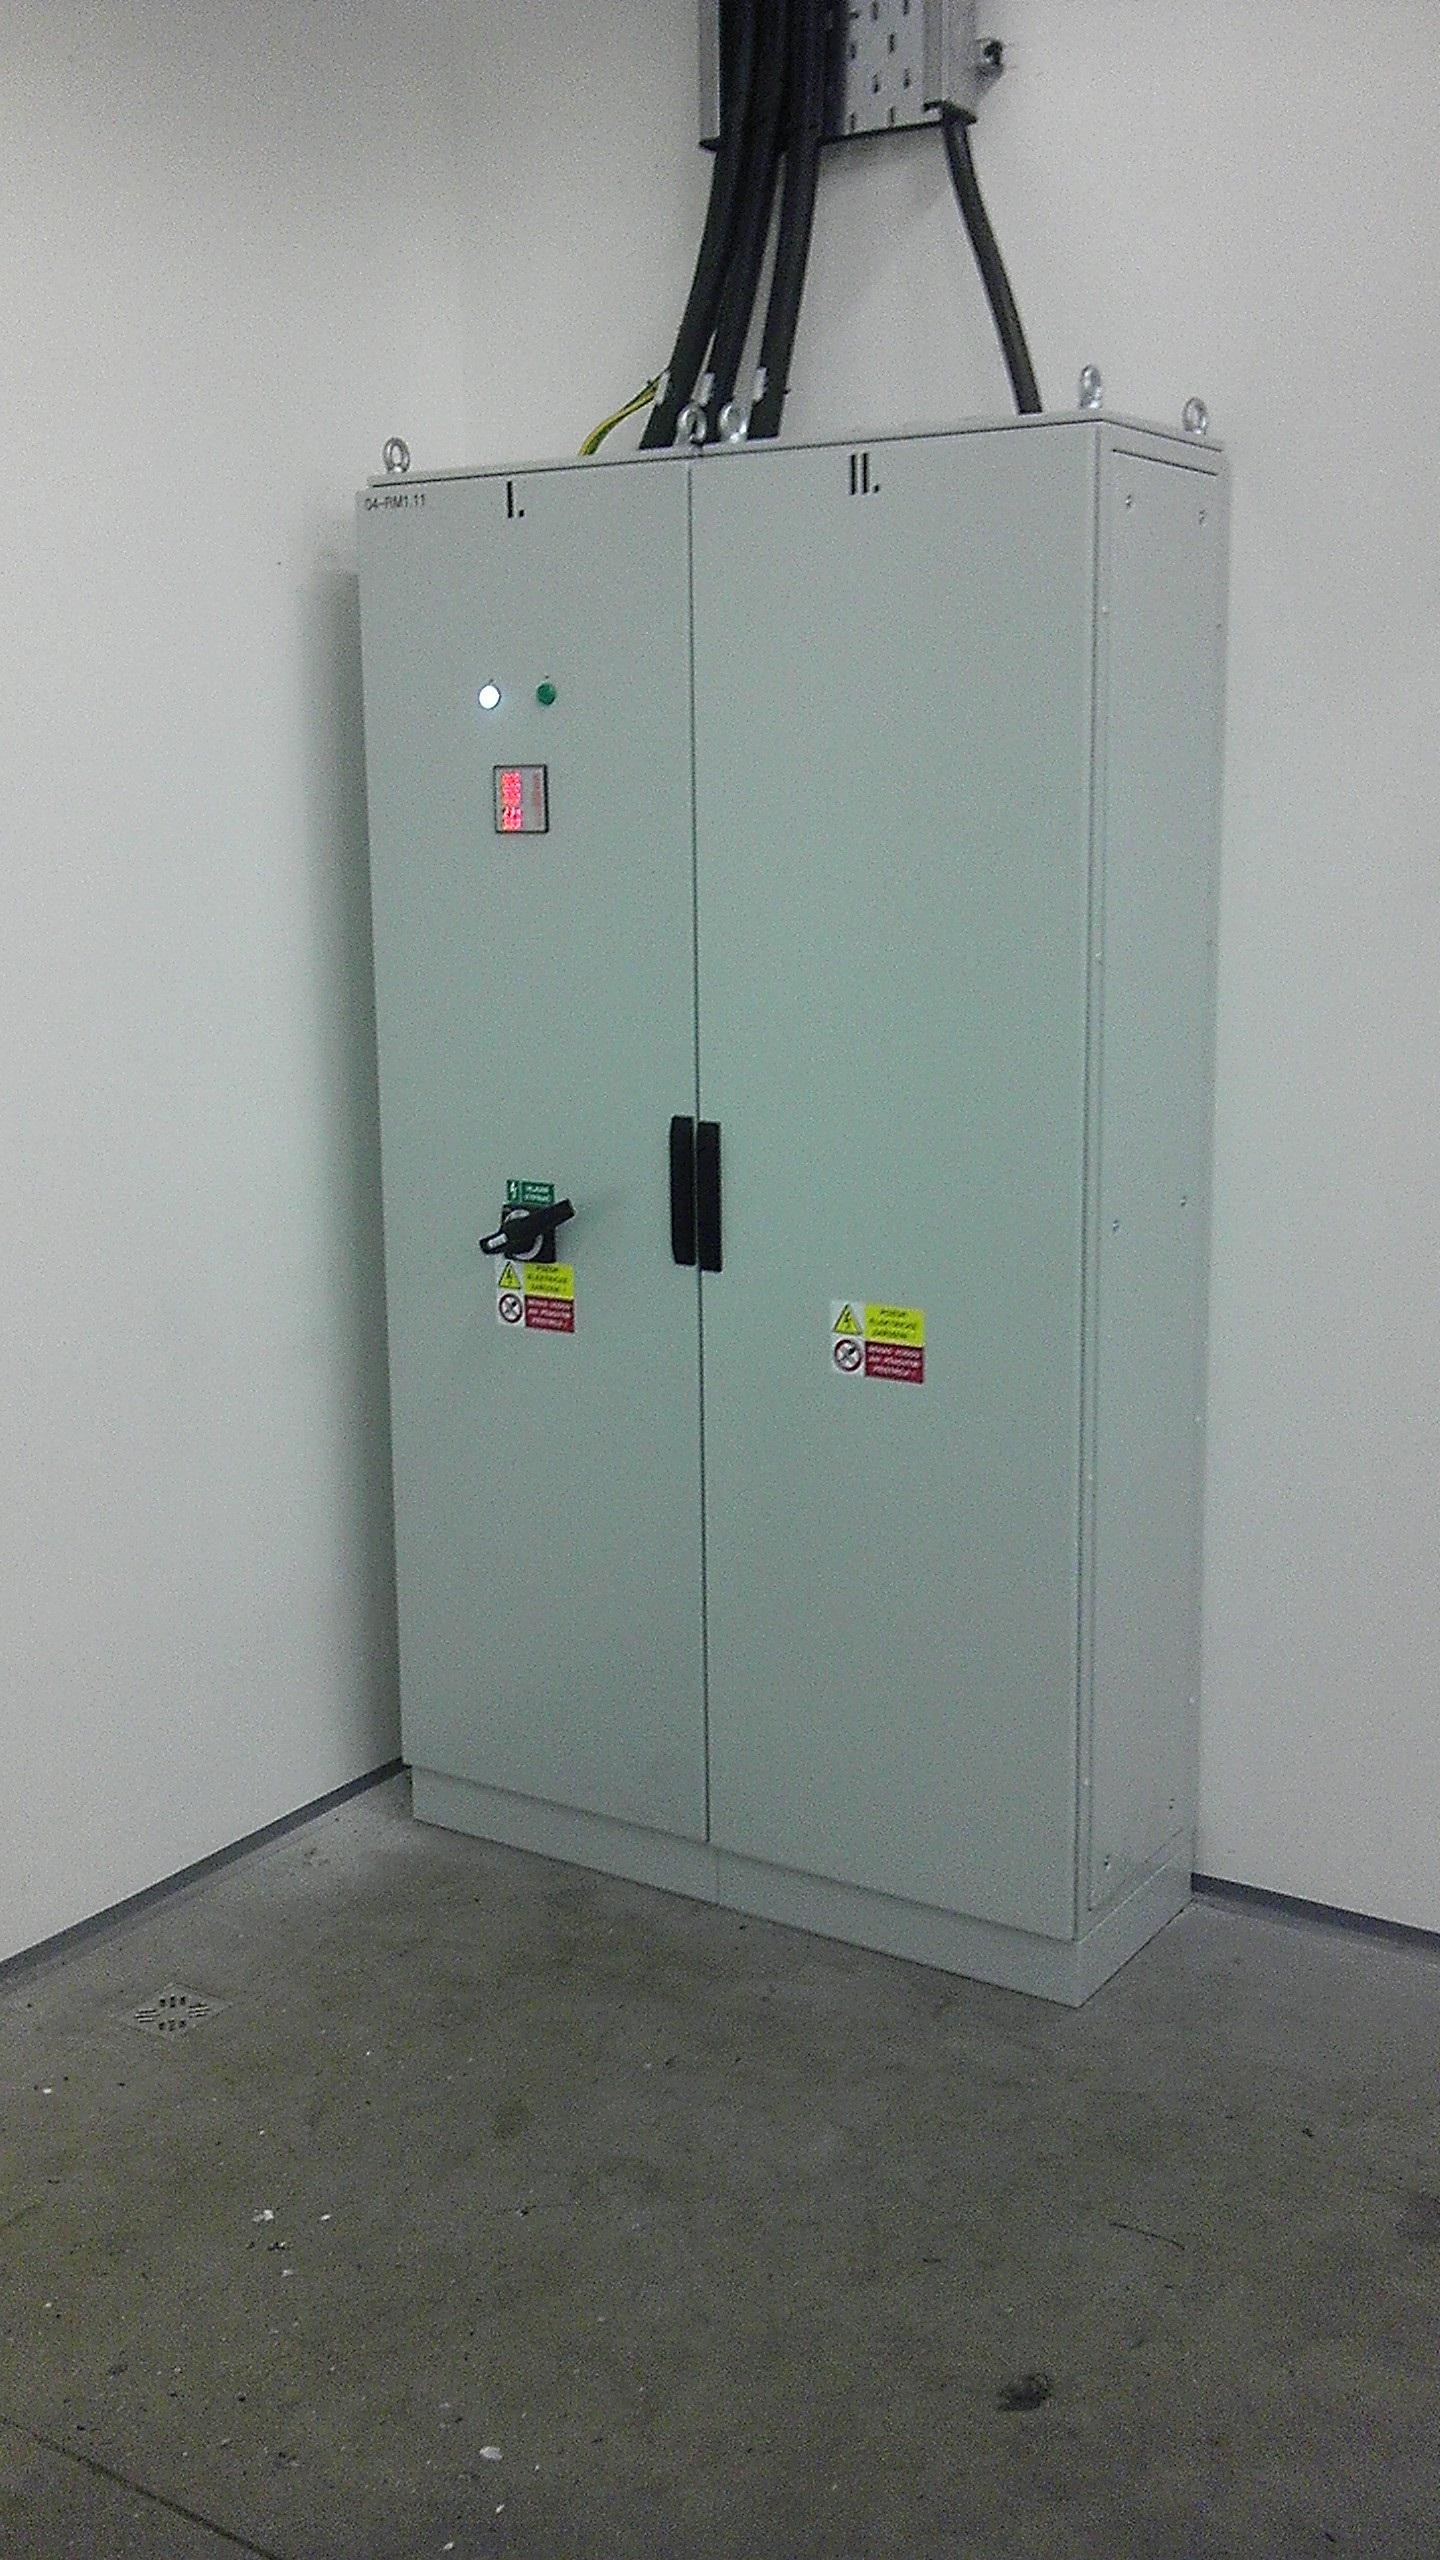 Instalace a zapojení přívodního rozvaděče pro kompresory